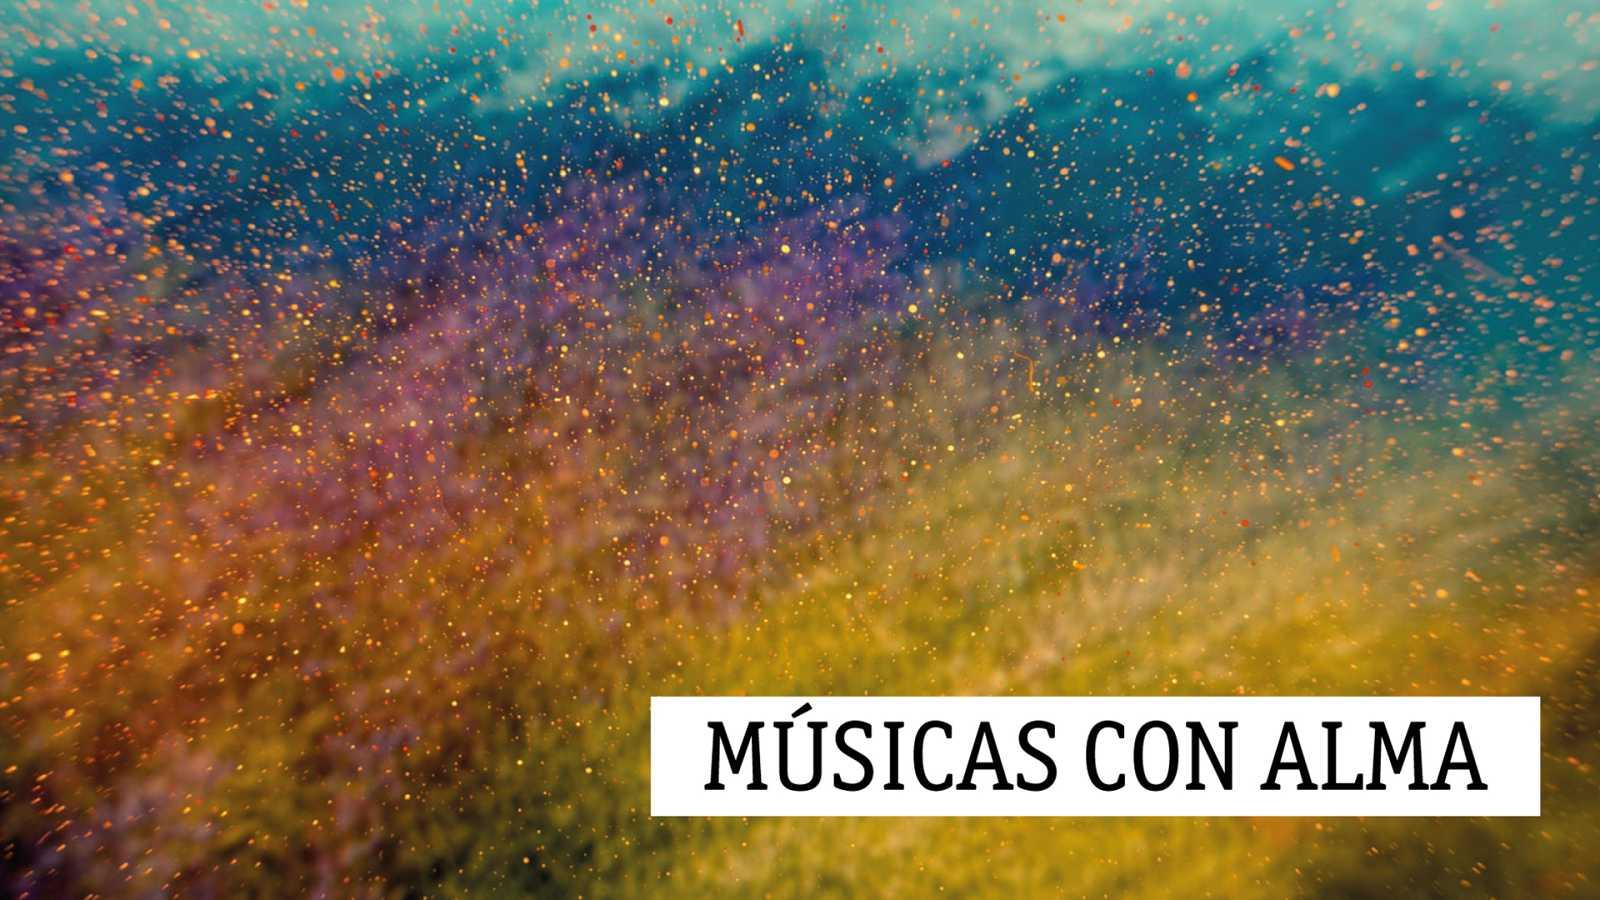 Músicas con alma - Cumpleaños - 08/02/21- escuchar ahora